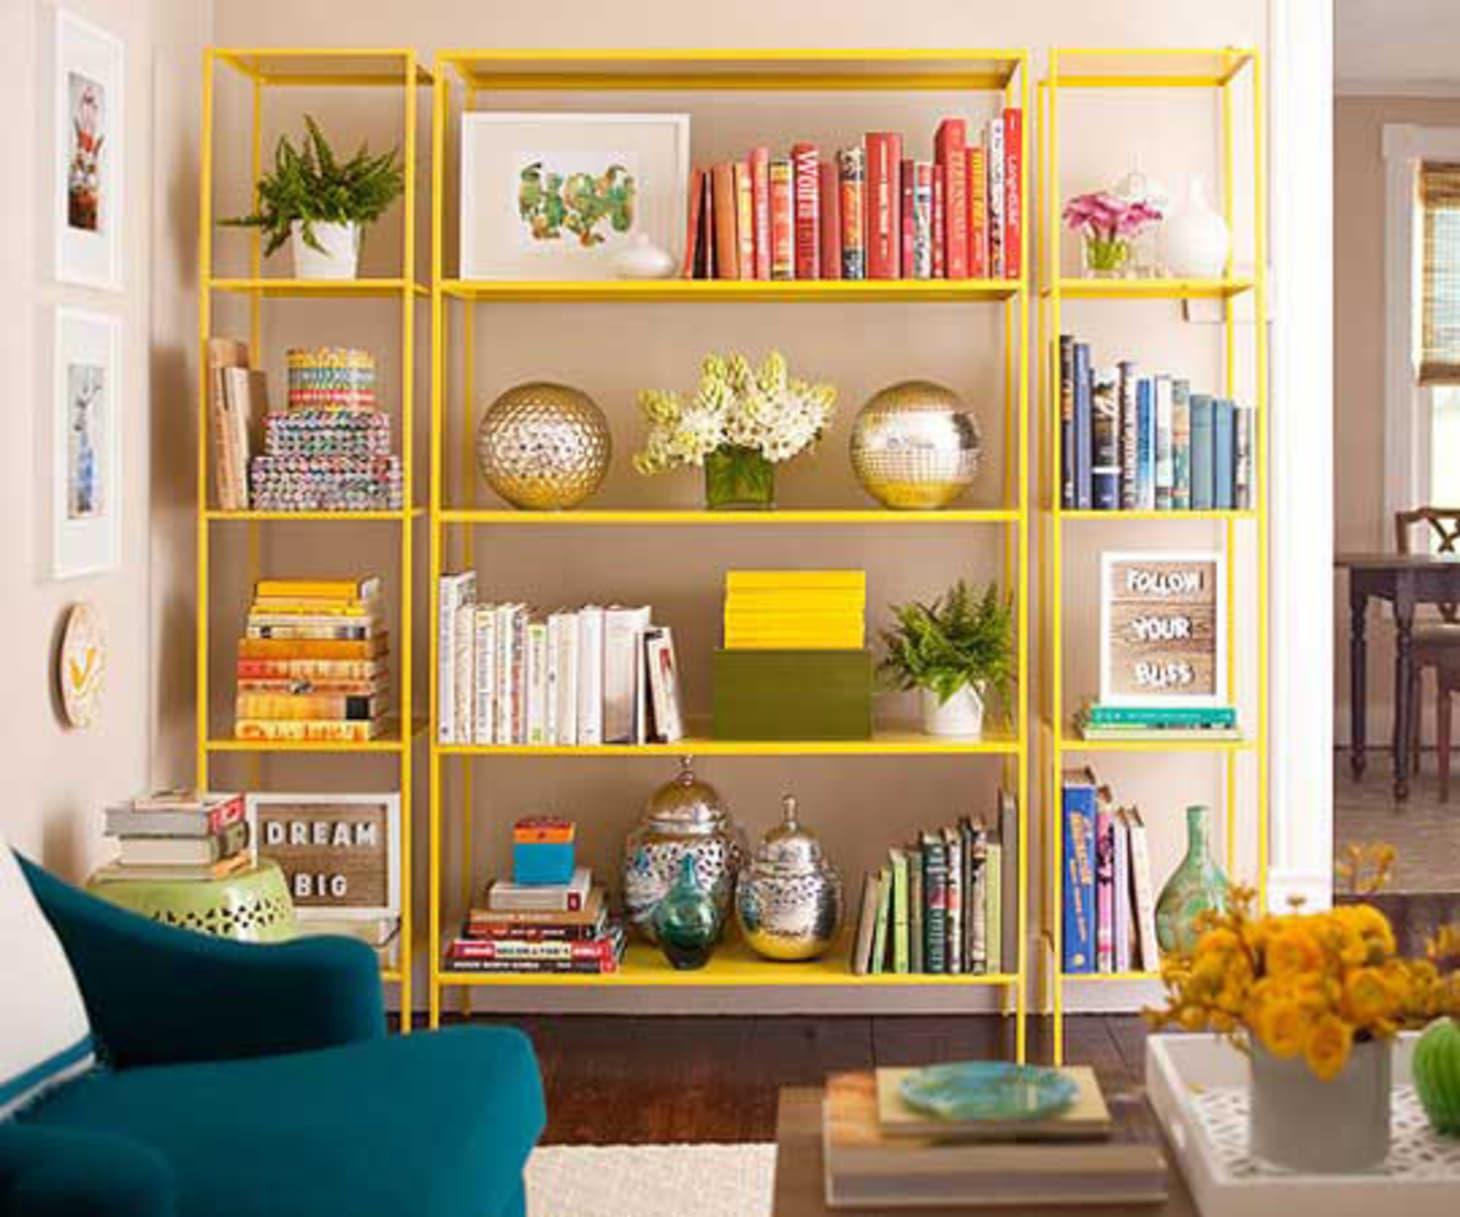 DIY The $50 IKEA VITTSJÖ: 5 Colorful Hacks